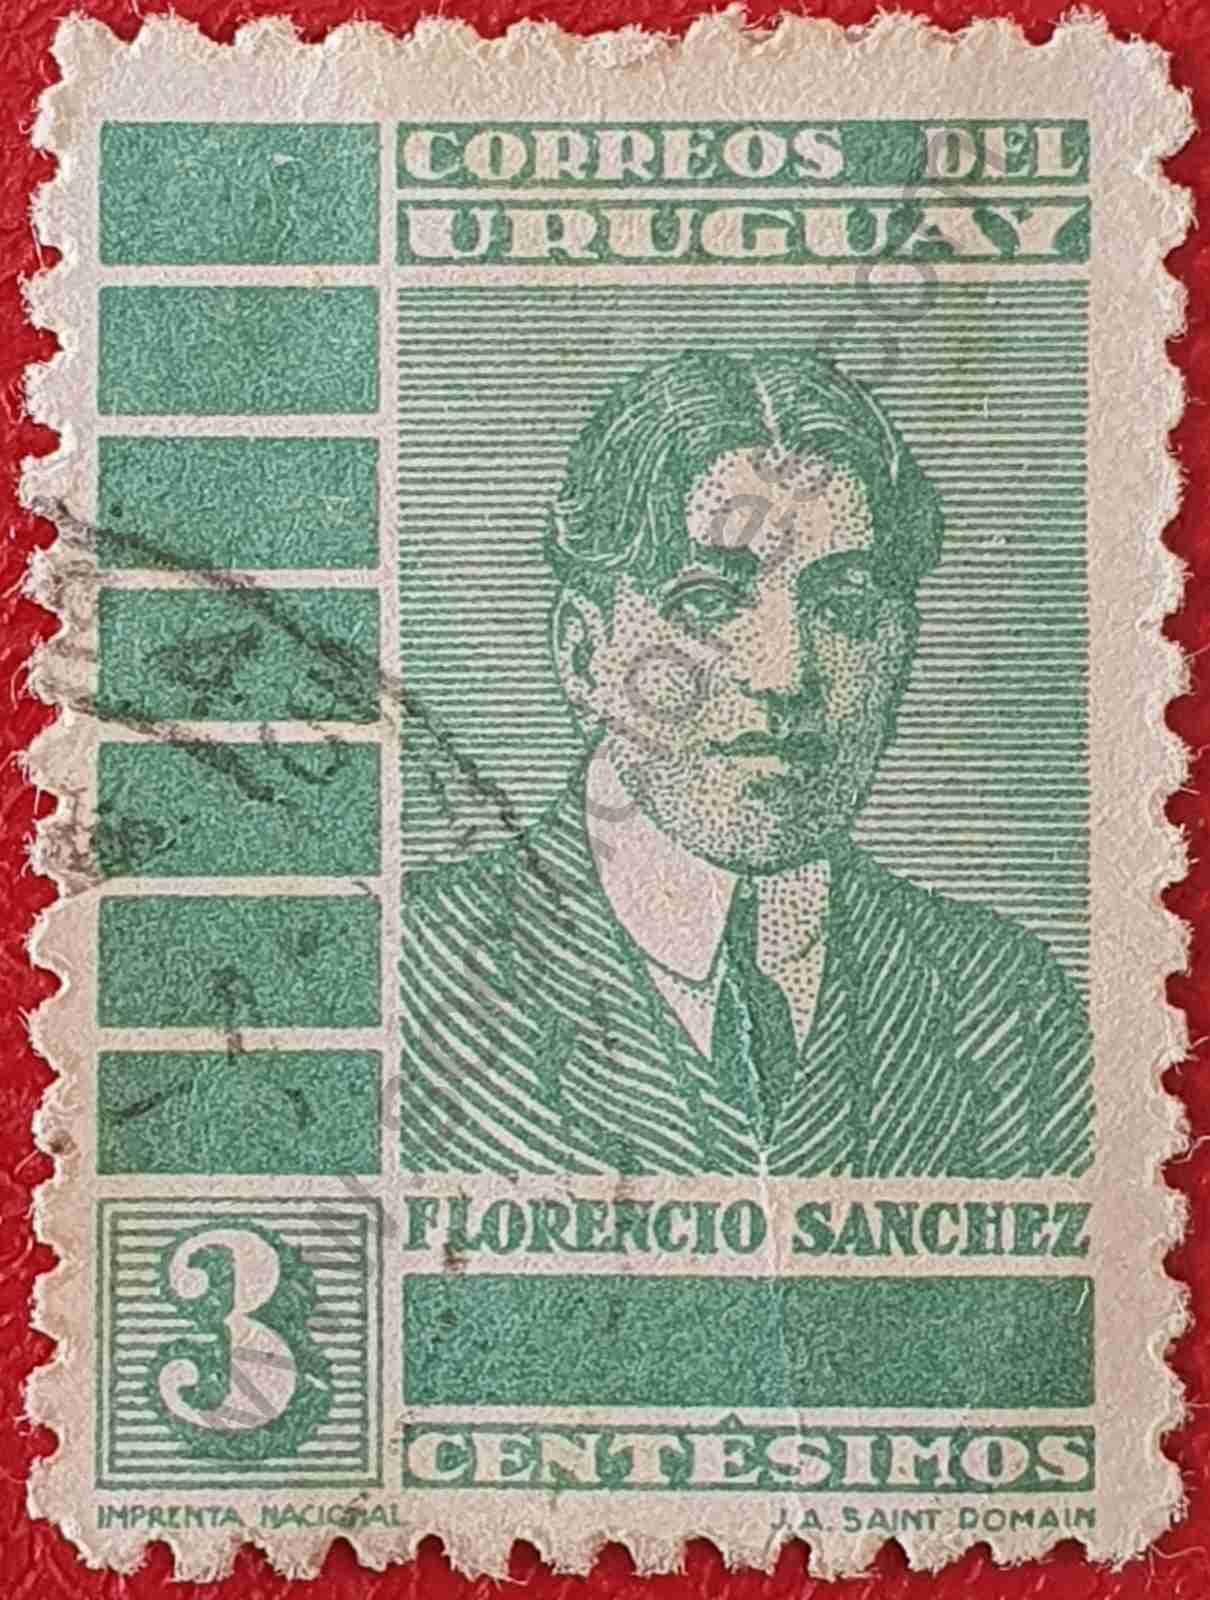 Florencio Sanchez 3c - Sello Uruguay 1935